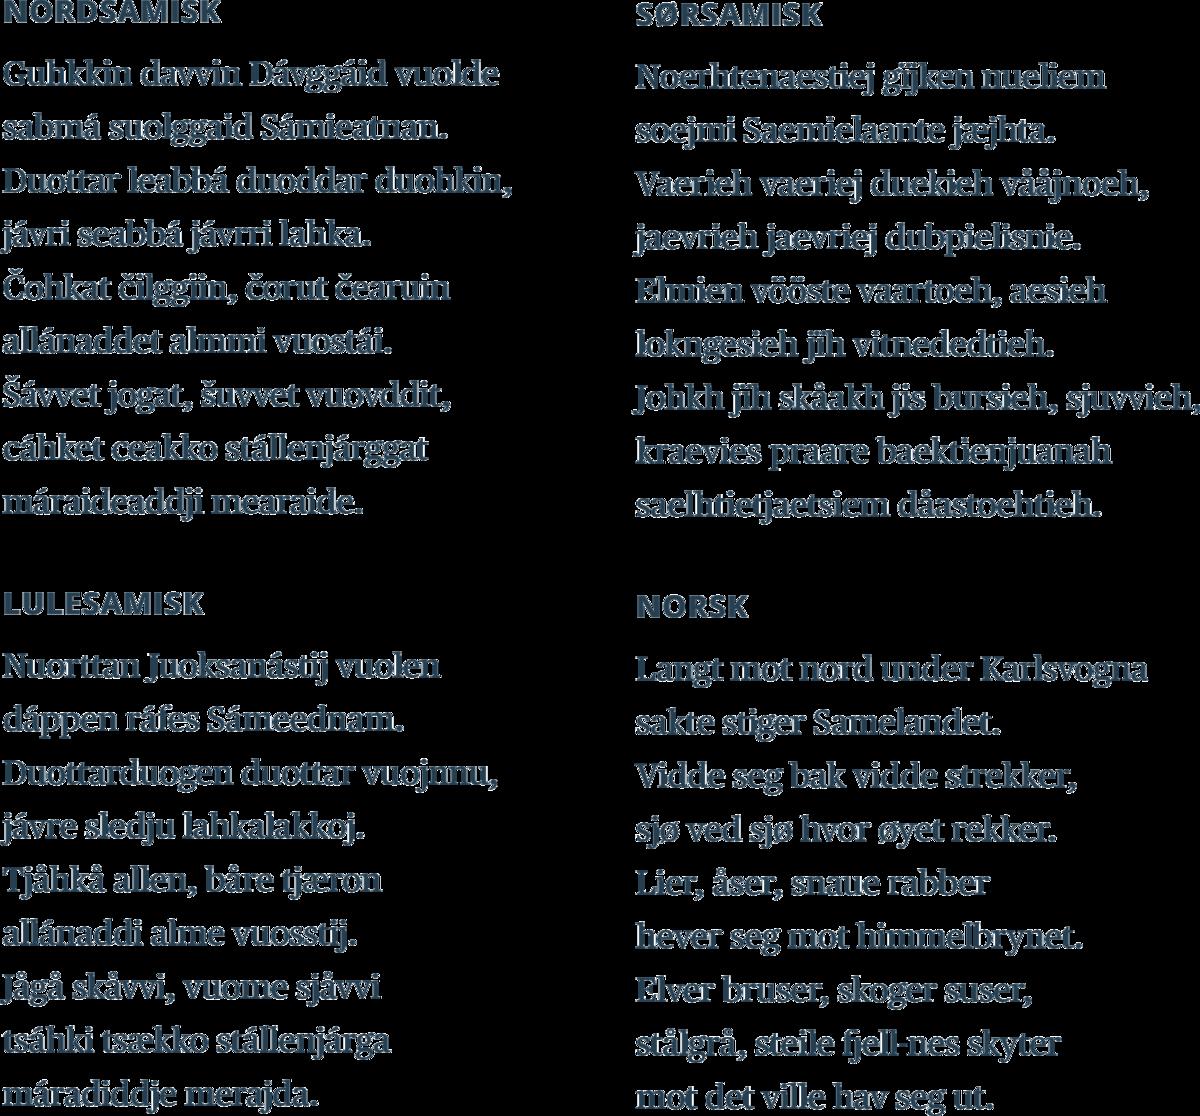 Standard samisk nasjonalsang